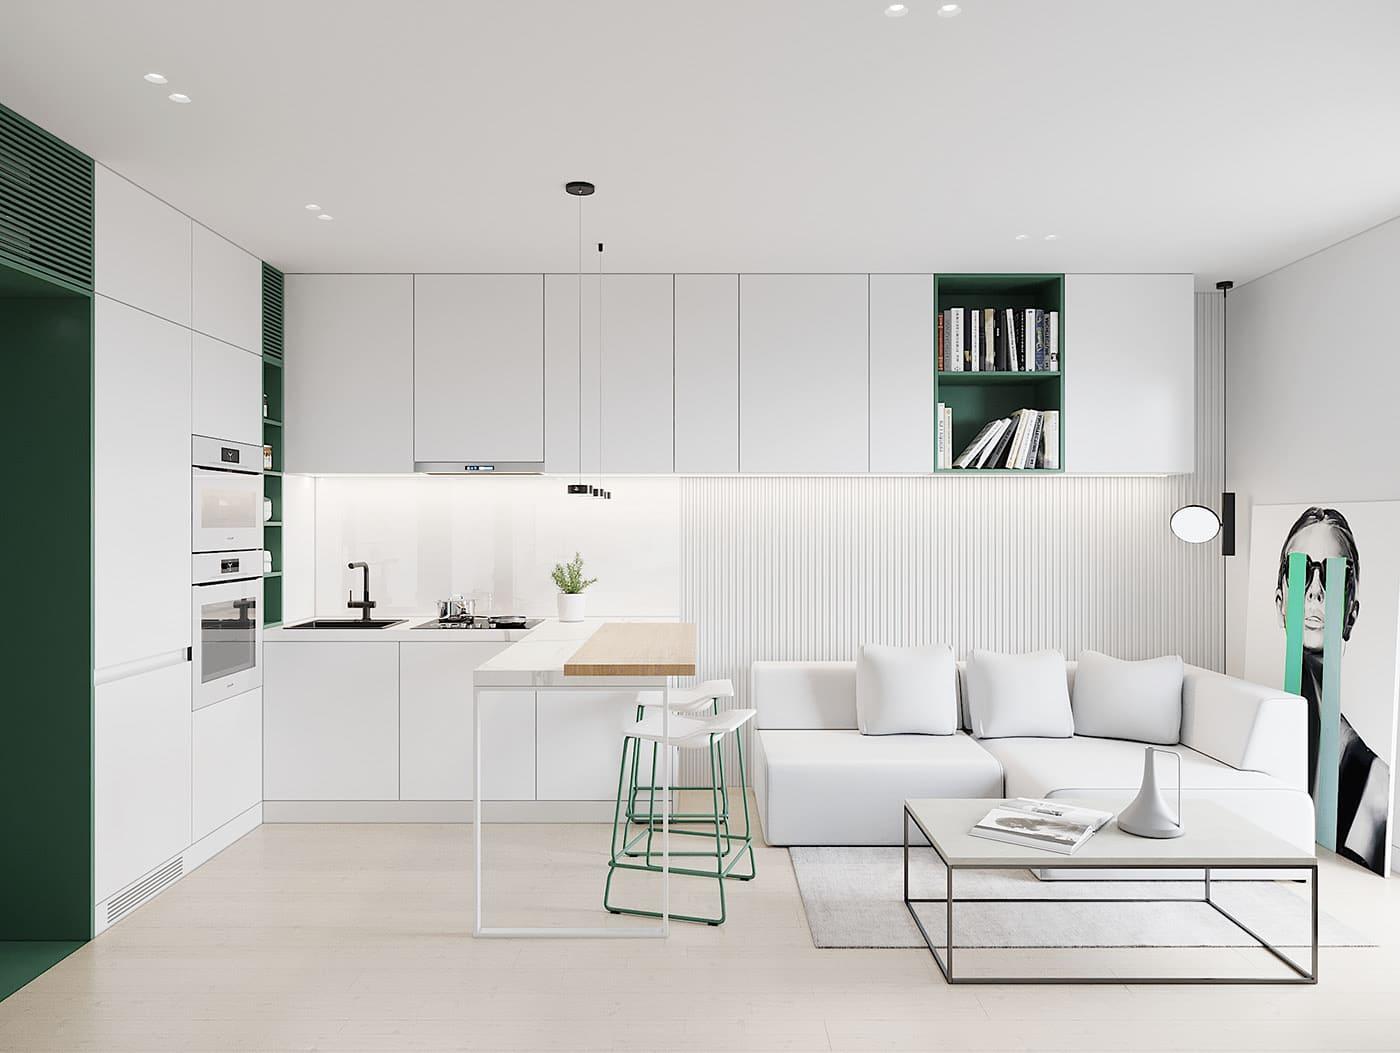 conception d'un appartement d'une pièce photo 73